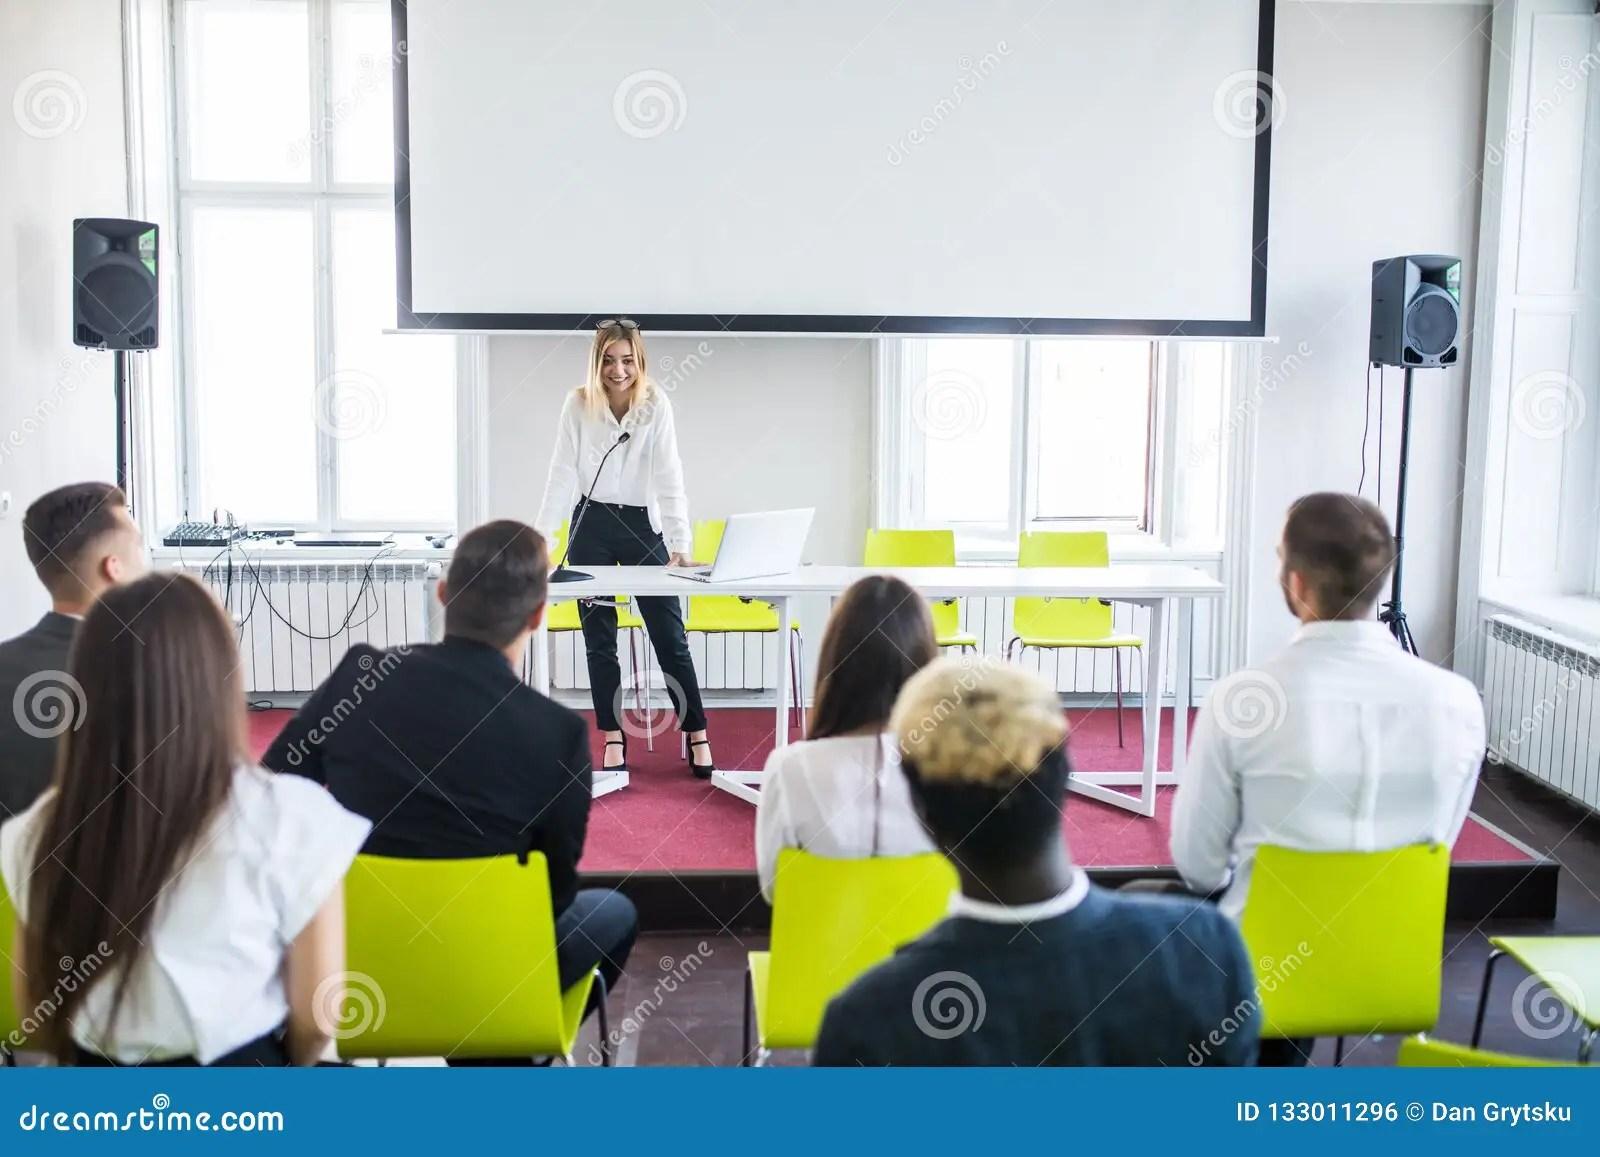 training seminar memo - 800×533